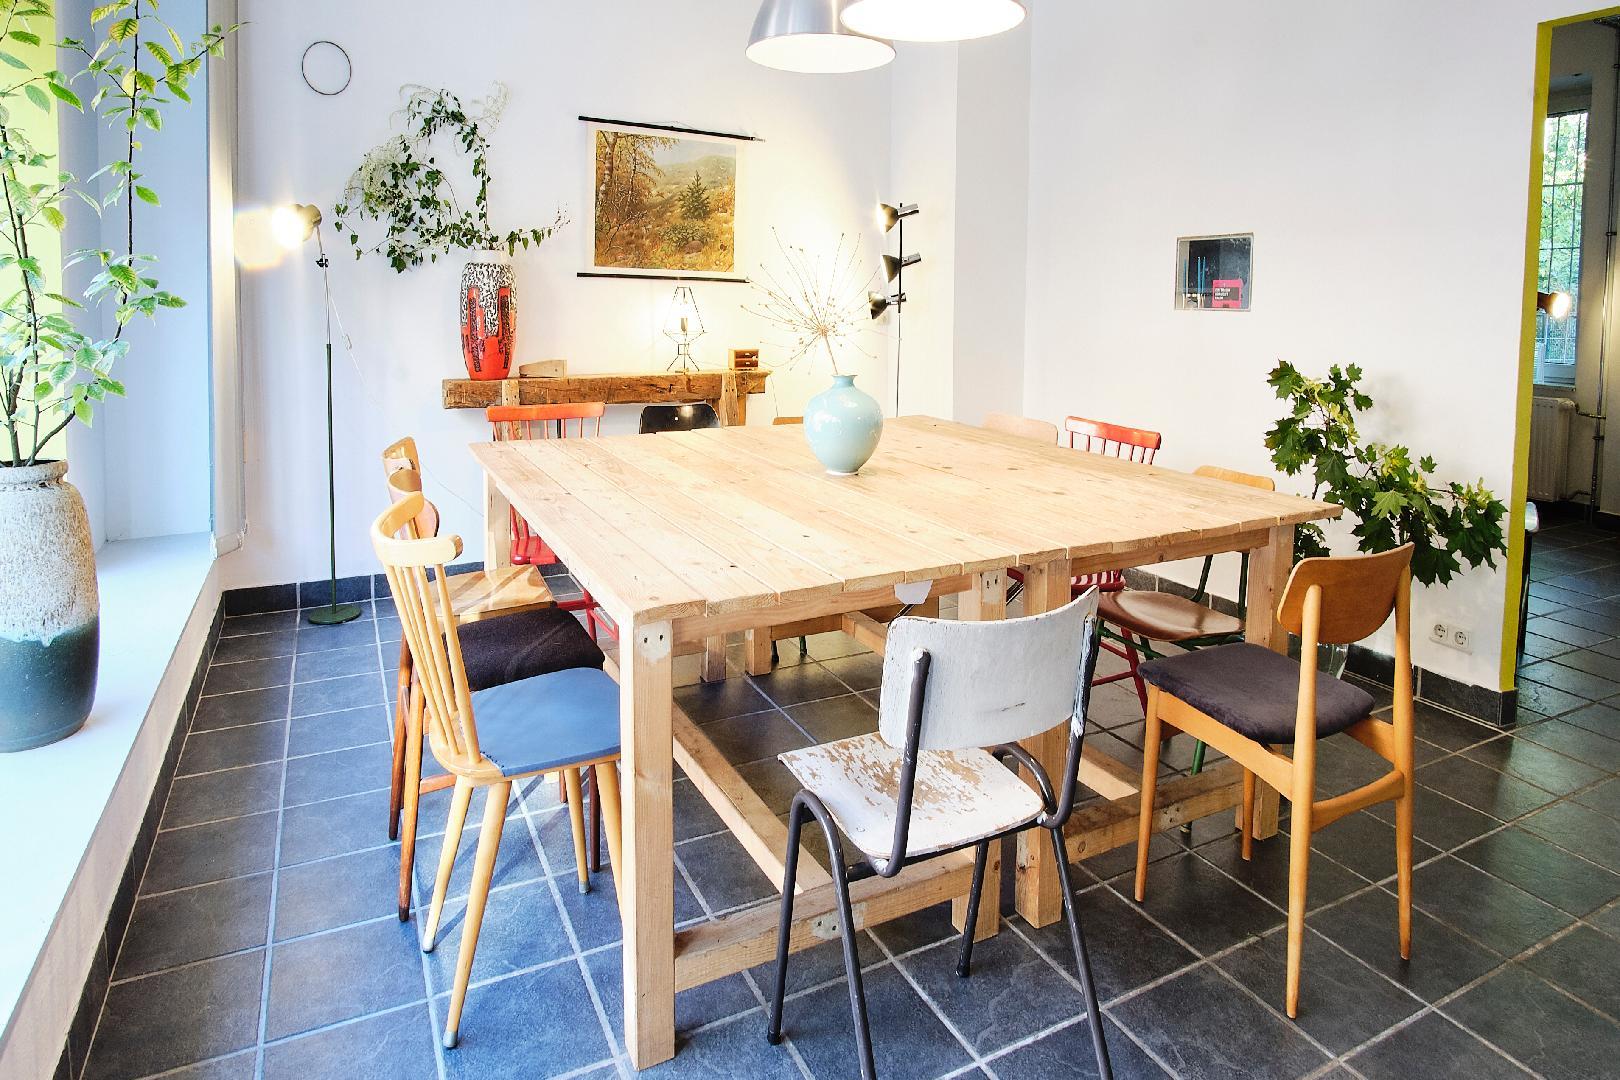 Picture 1 of Stilvoller Raum in Dänischem Vintage-Stil zum Mieten